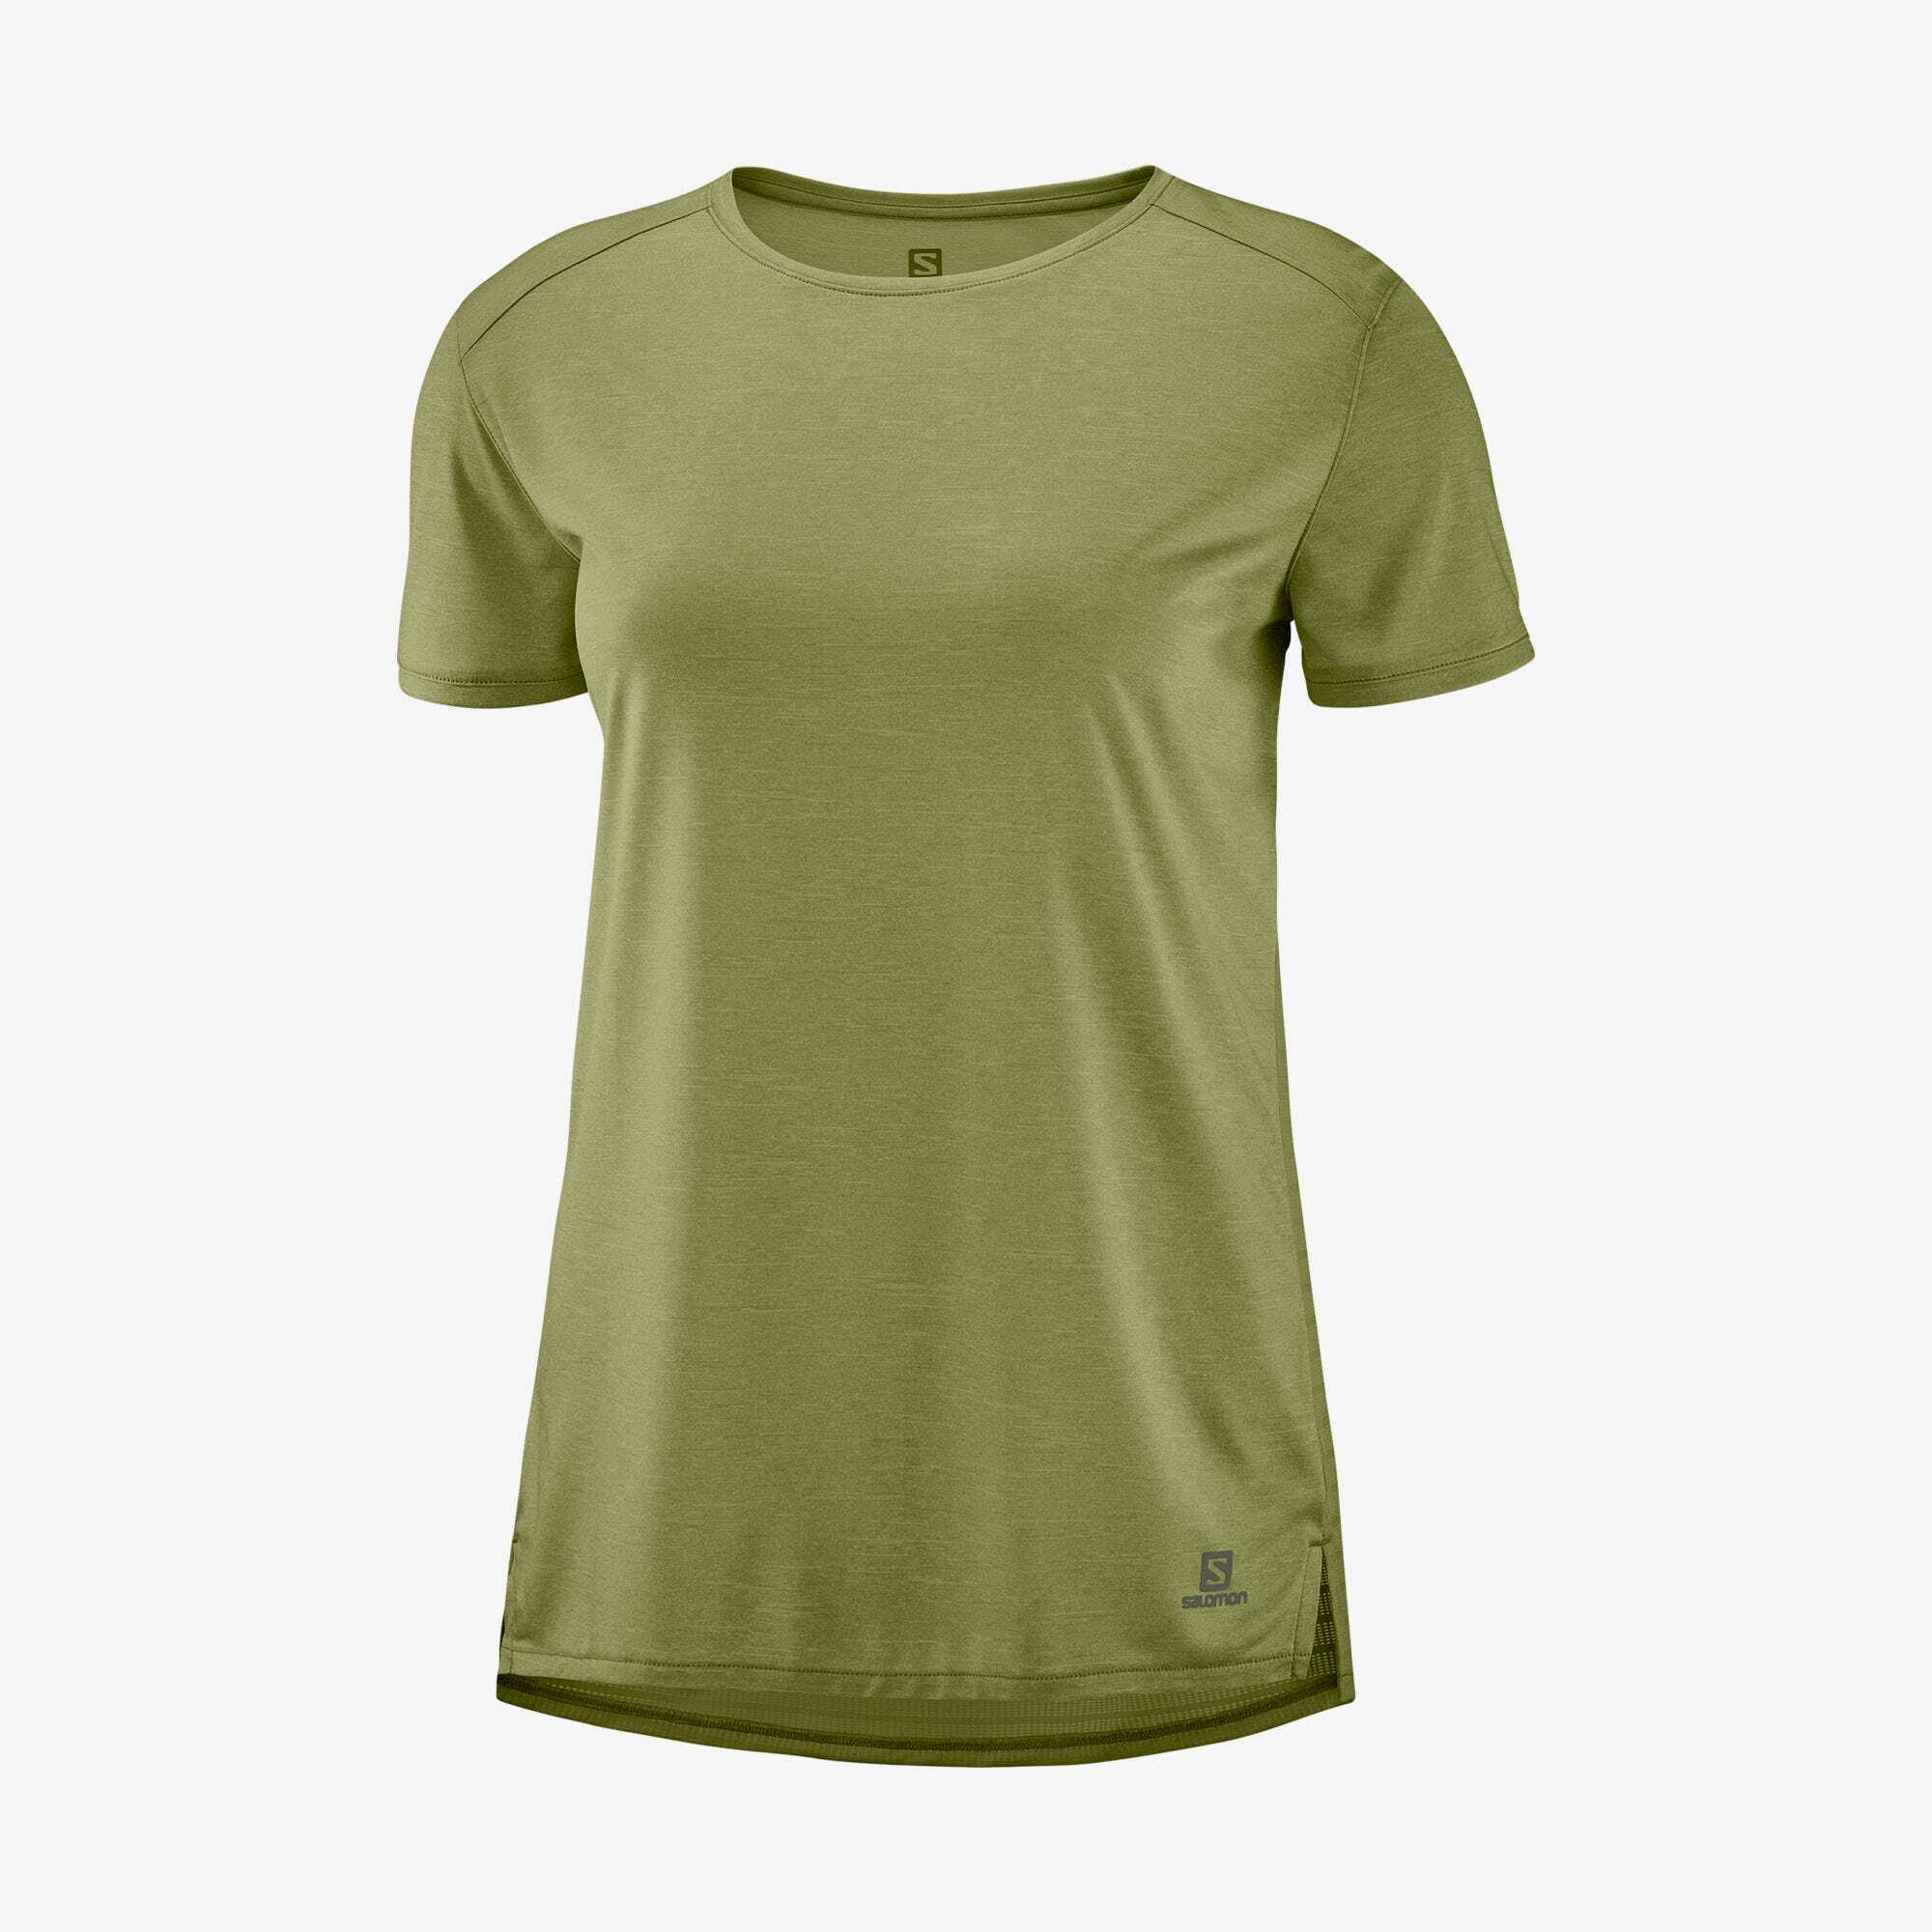 Salomon サロモン OUTLINE SUMMER TEE W MARTINI OLIVE ウィメンズ/レディース アウトライン サマーTシャツ マルティーニオリーブ LC1502100